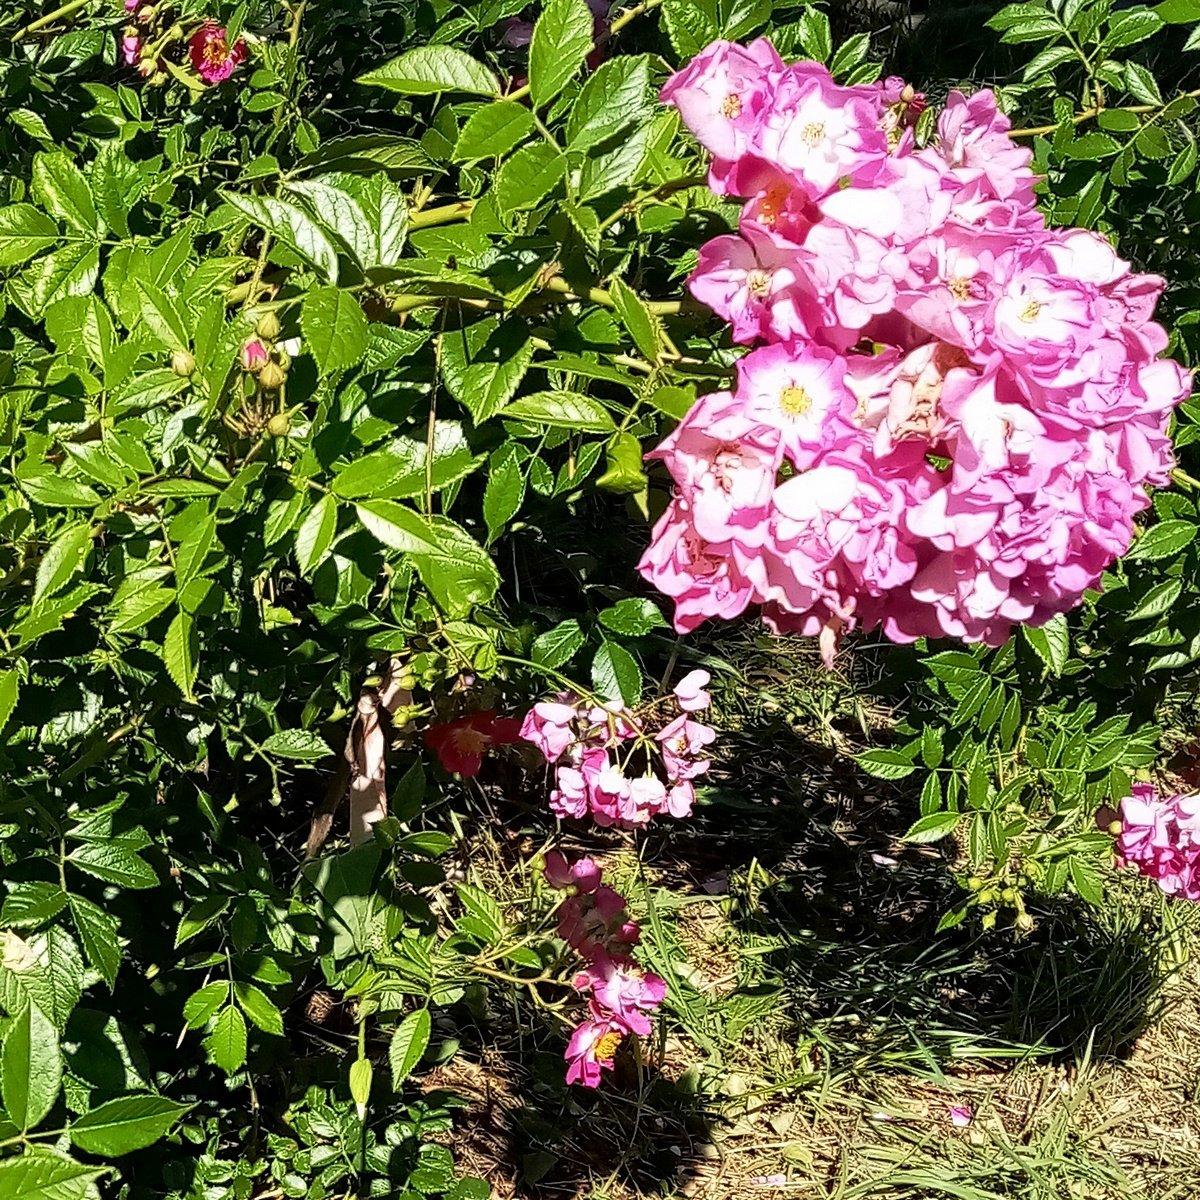 roza-pletistaya-foto-opisanie-i-harakteristiki-sortov-3